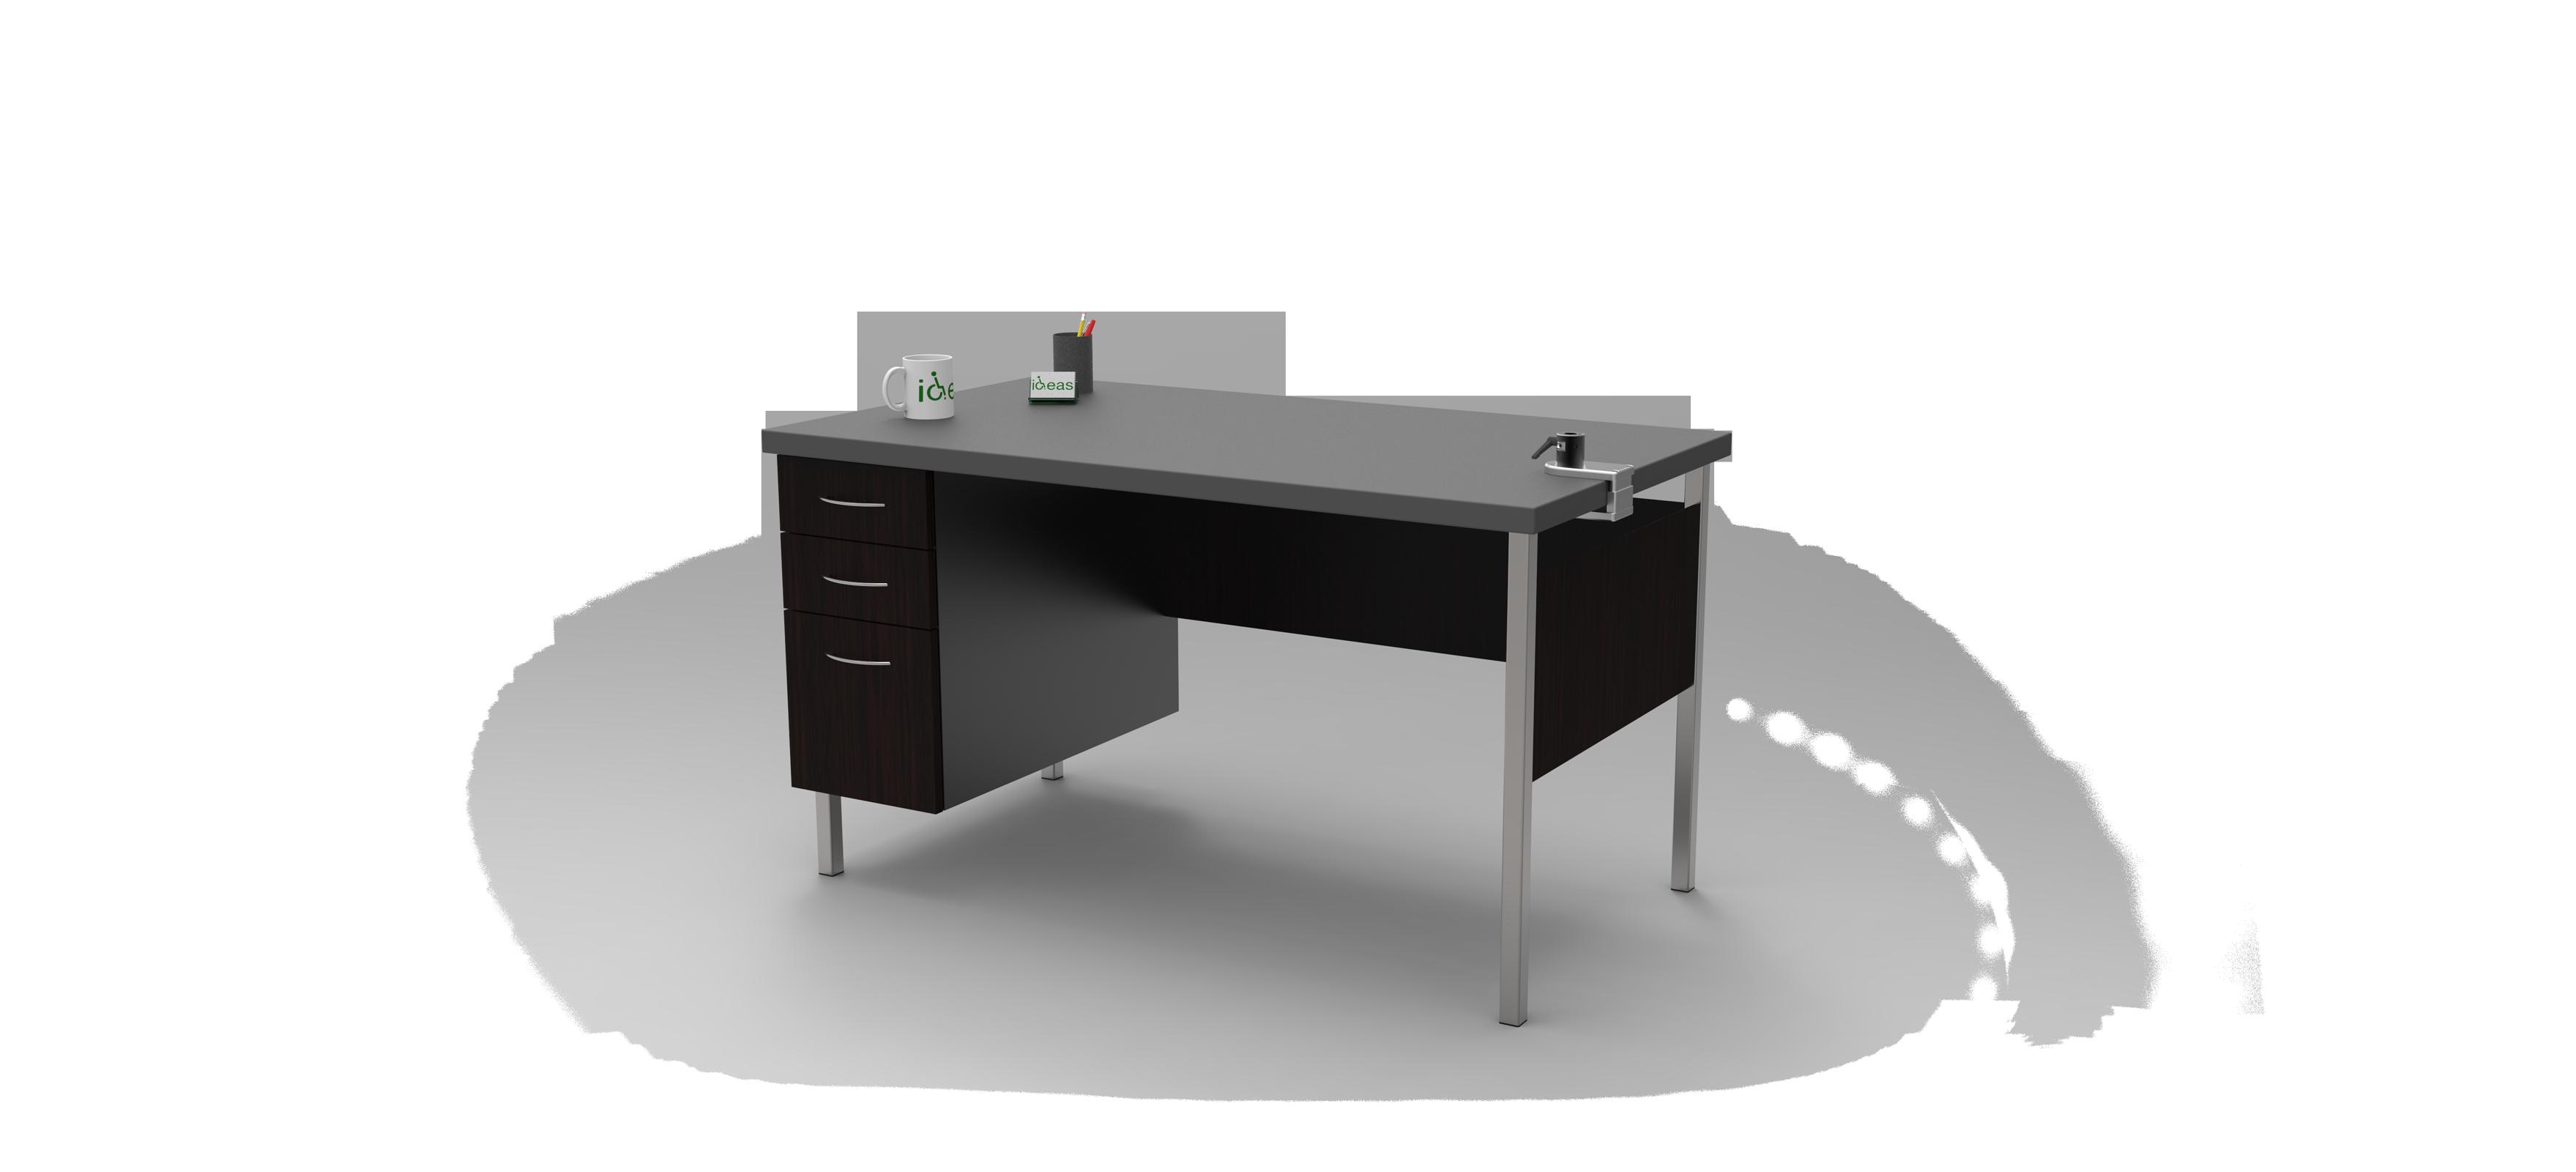 Build your system. Clipart desk empty desk